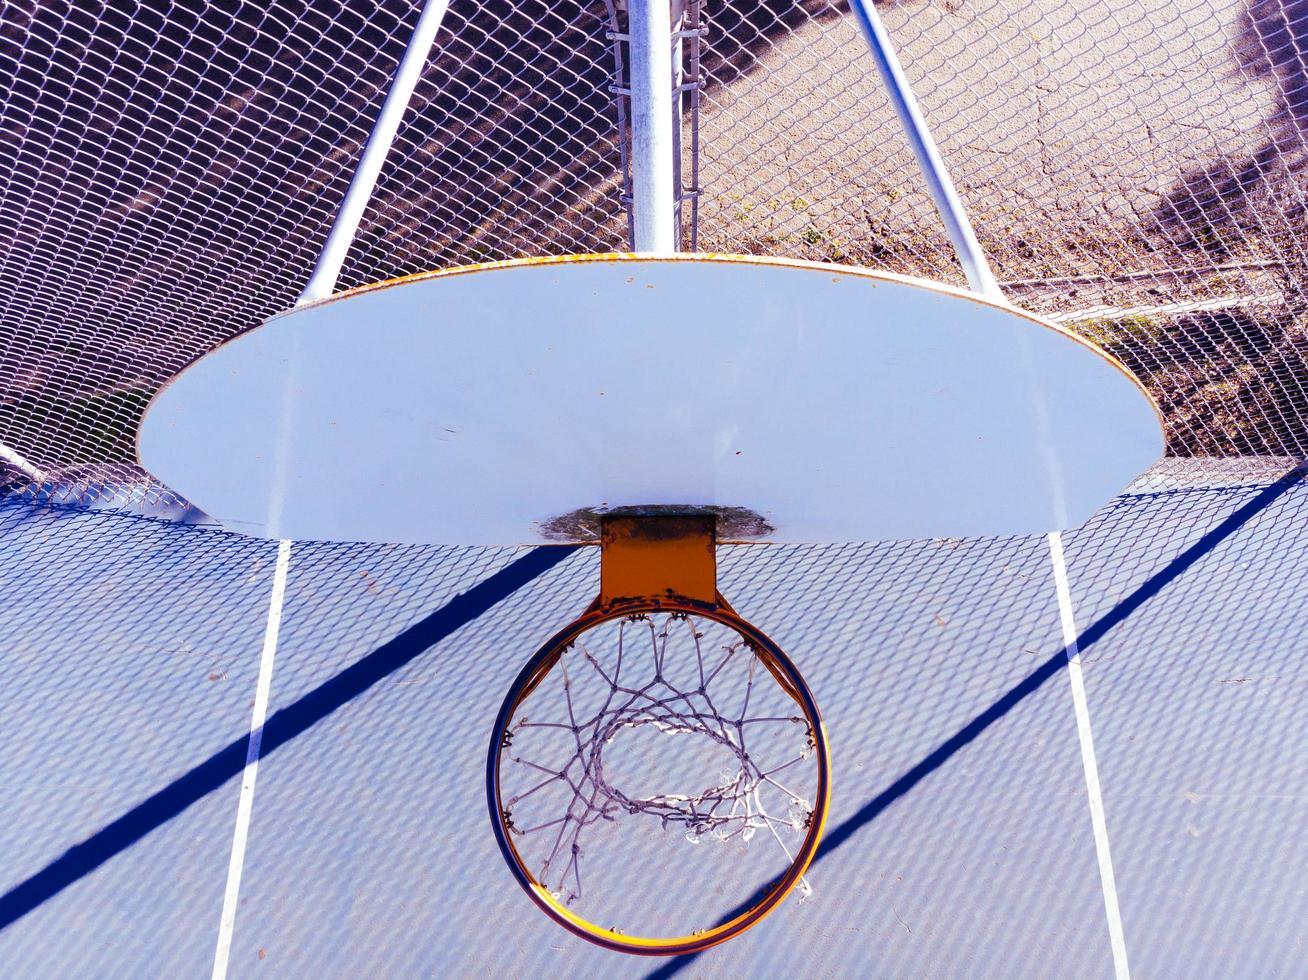 vue de dessus du panier de basket pendant la journée photo